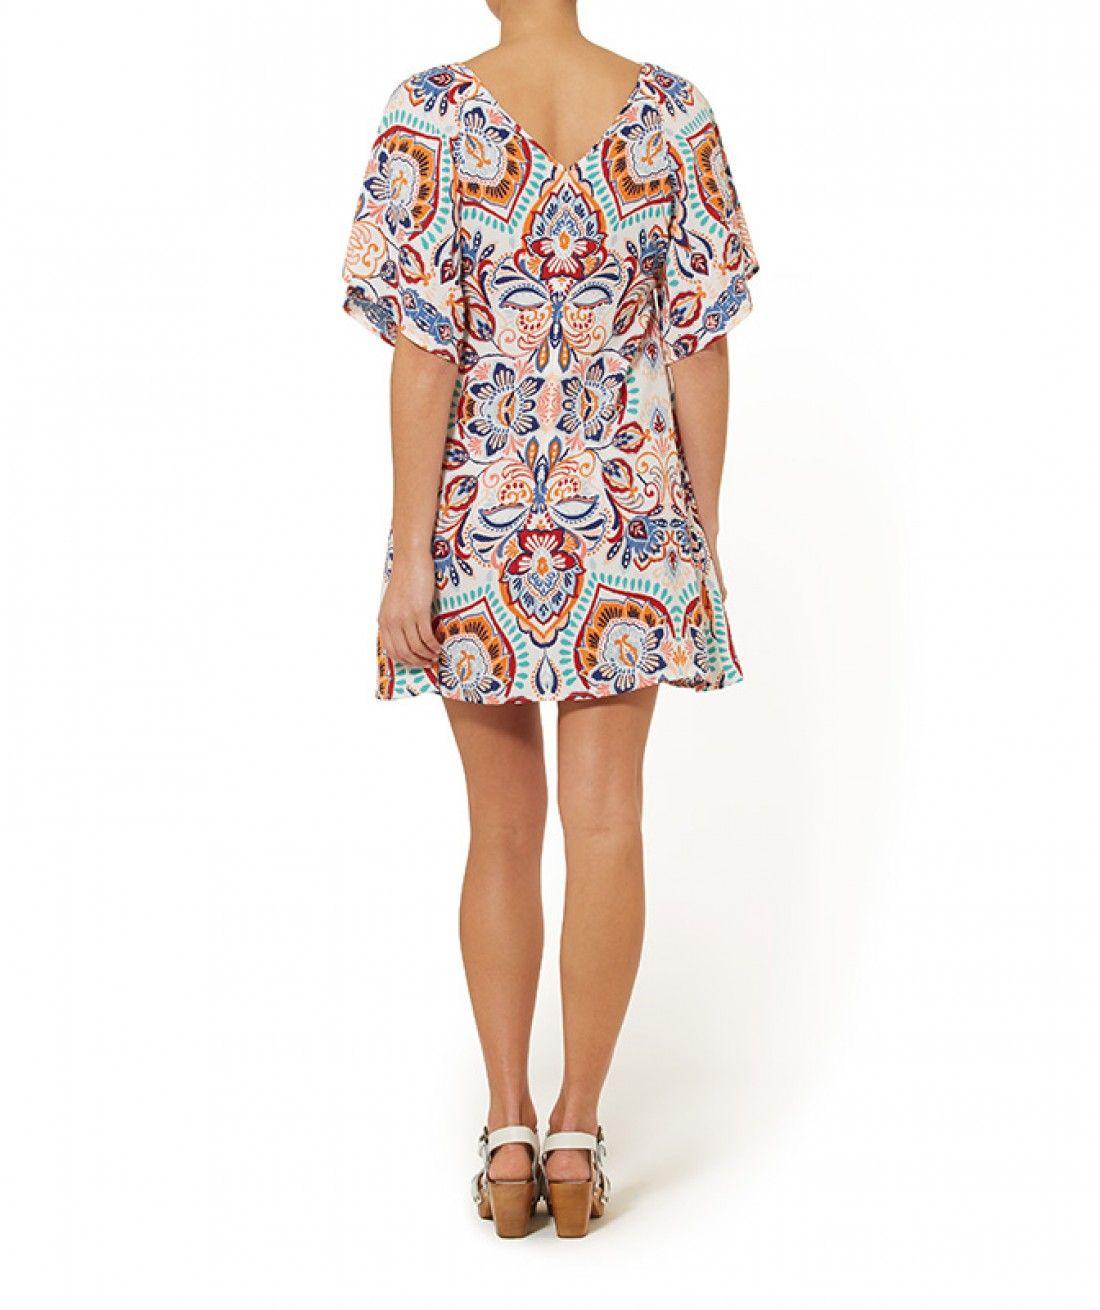 Desert Tribes - Desert Tribes Kimono Dress - Clothing - Sportsgirl